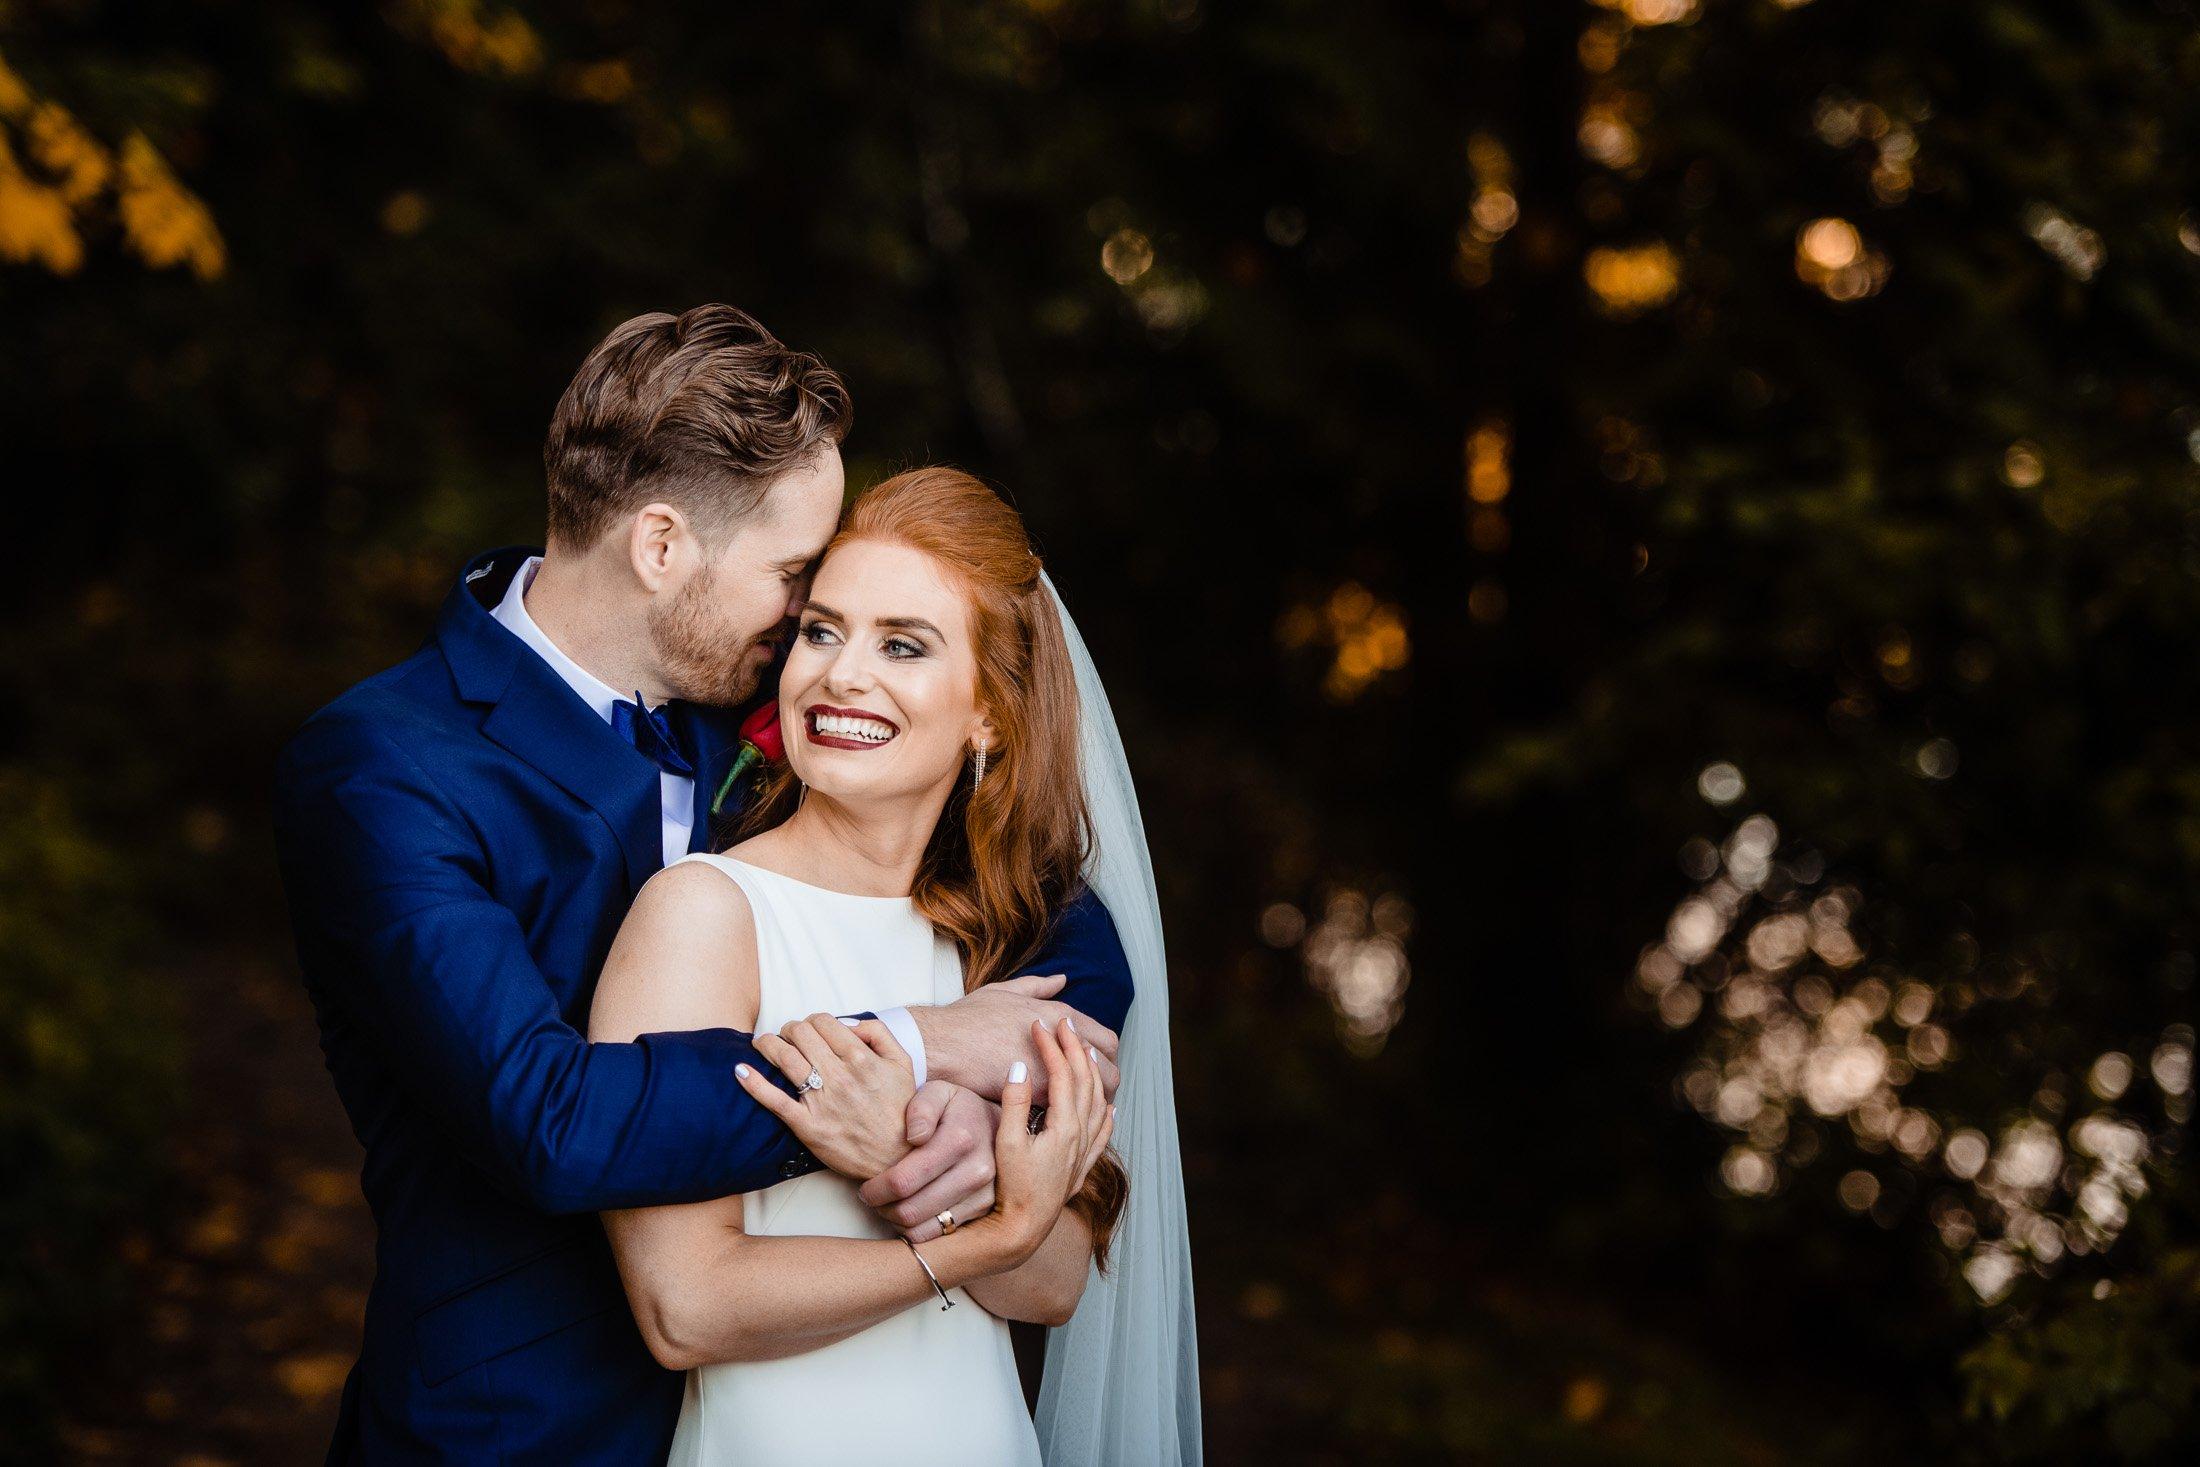 039 - natural wedding photos vancouver